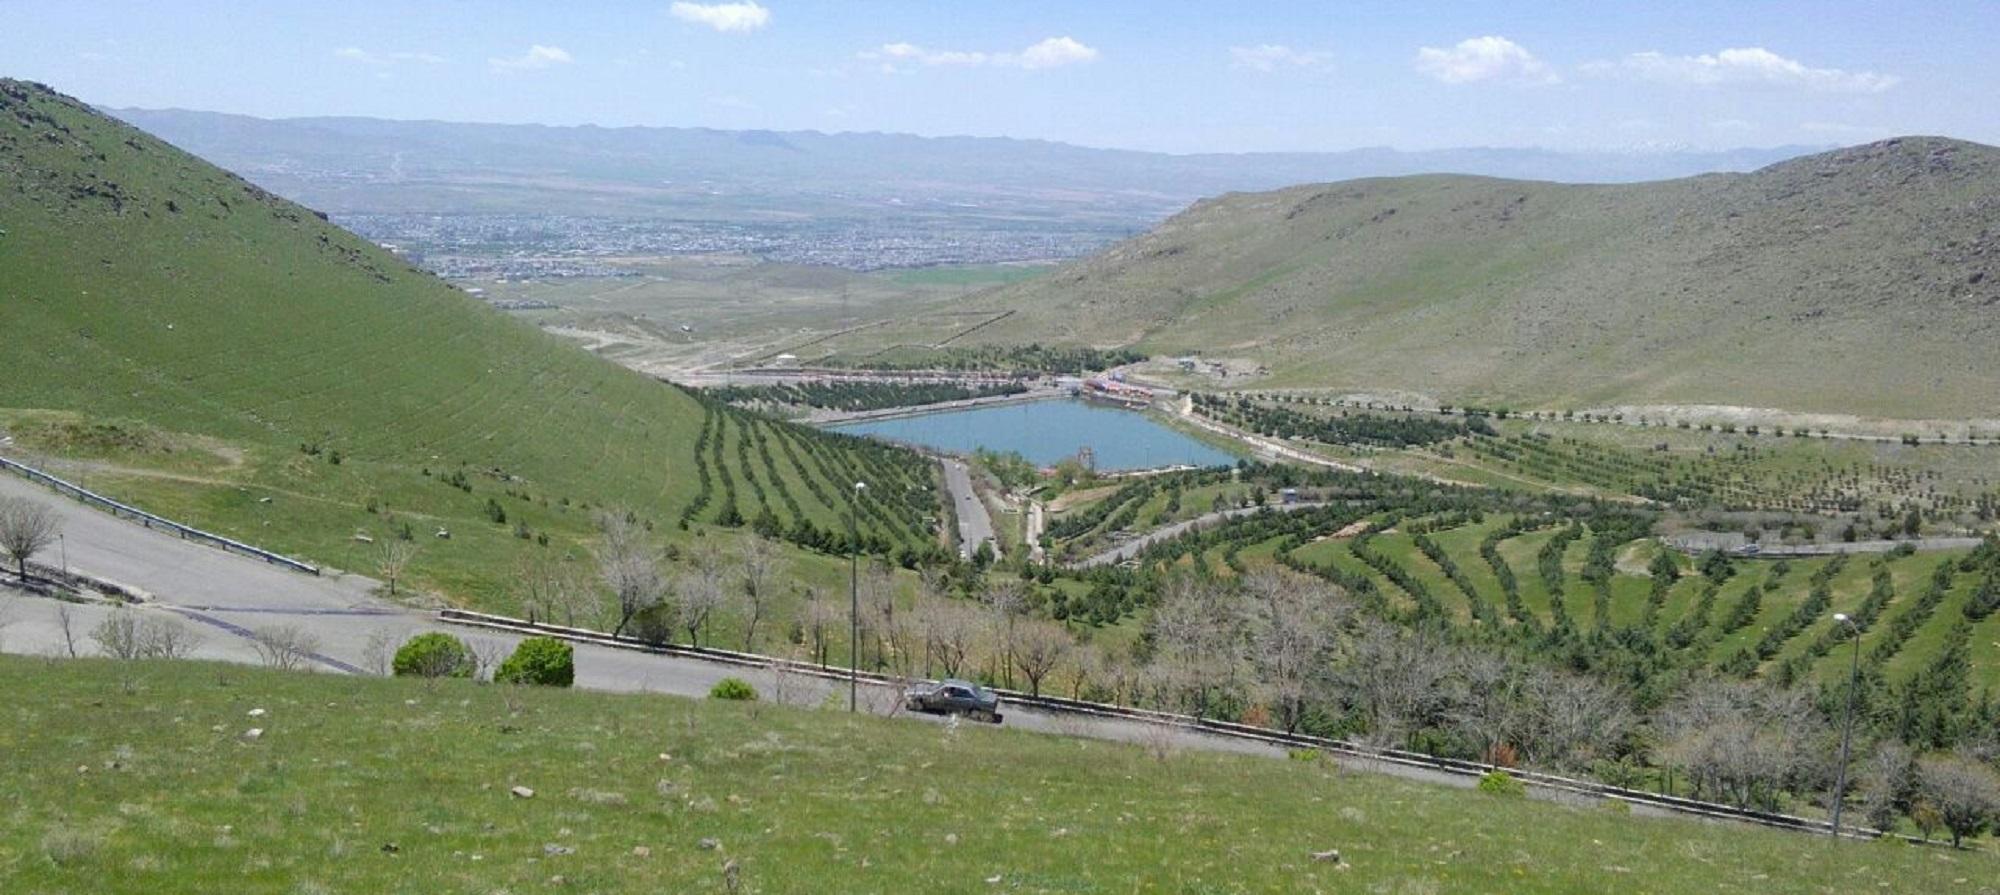 مراکز تفریحی زنجان ؛ مجموعهای از بهترینها